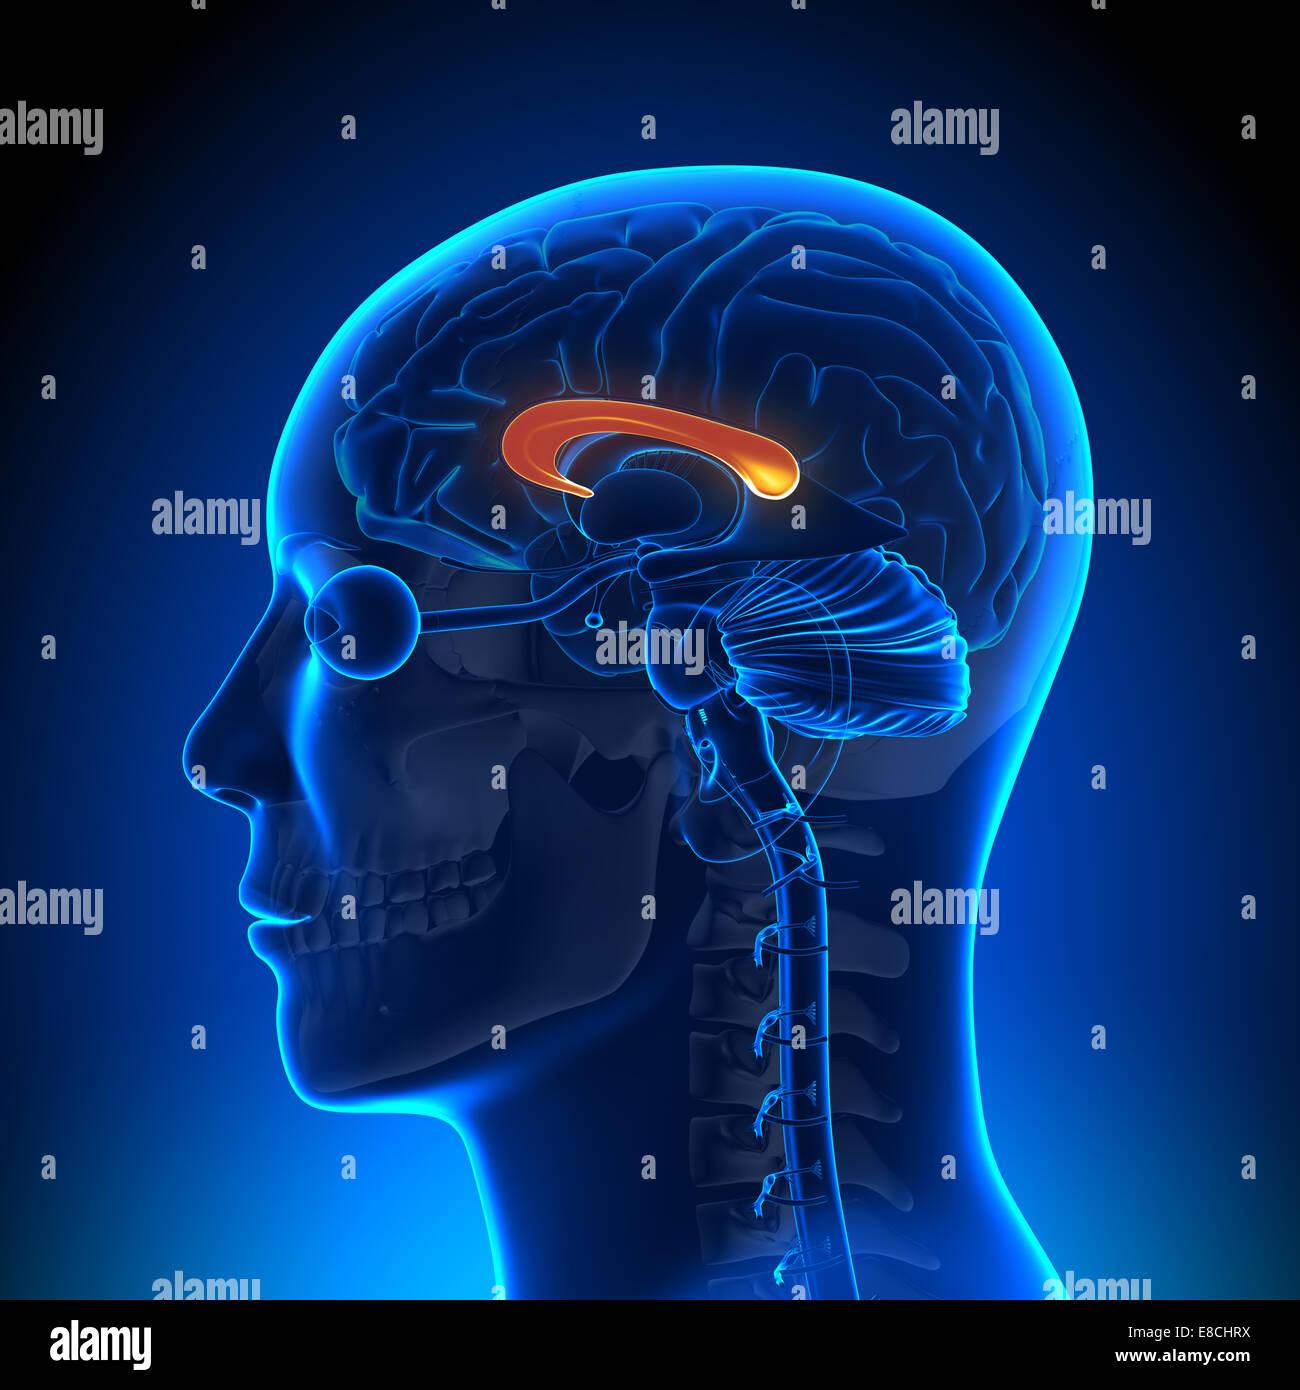 Corpus Callosum - Brain Anatomy Stock Photo: 74036142 - Alamy